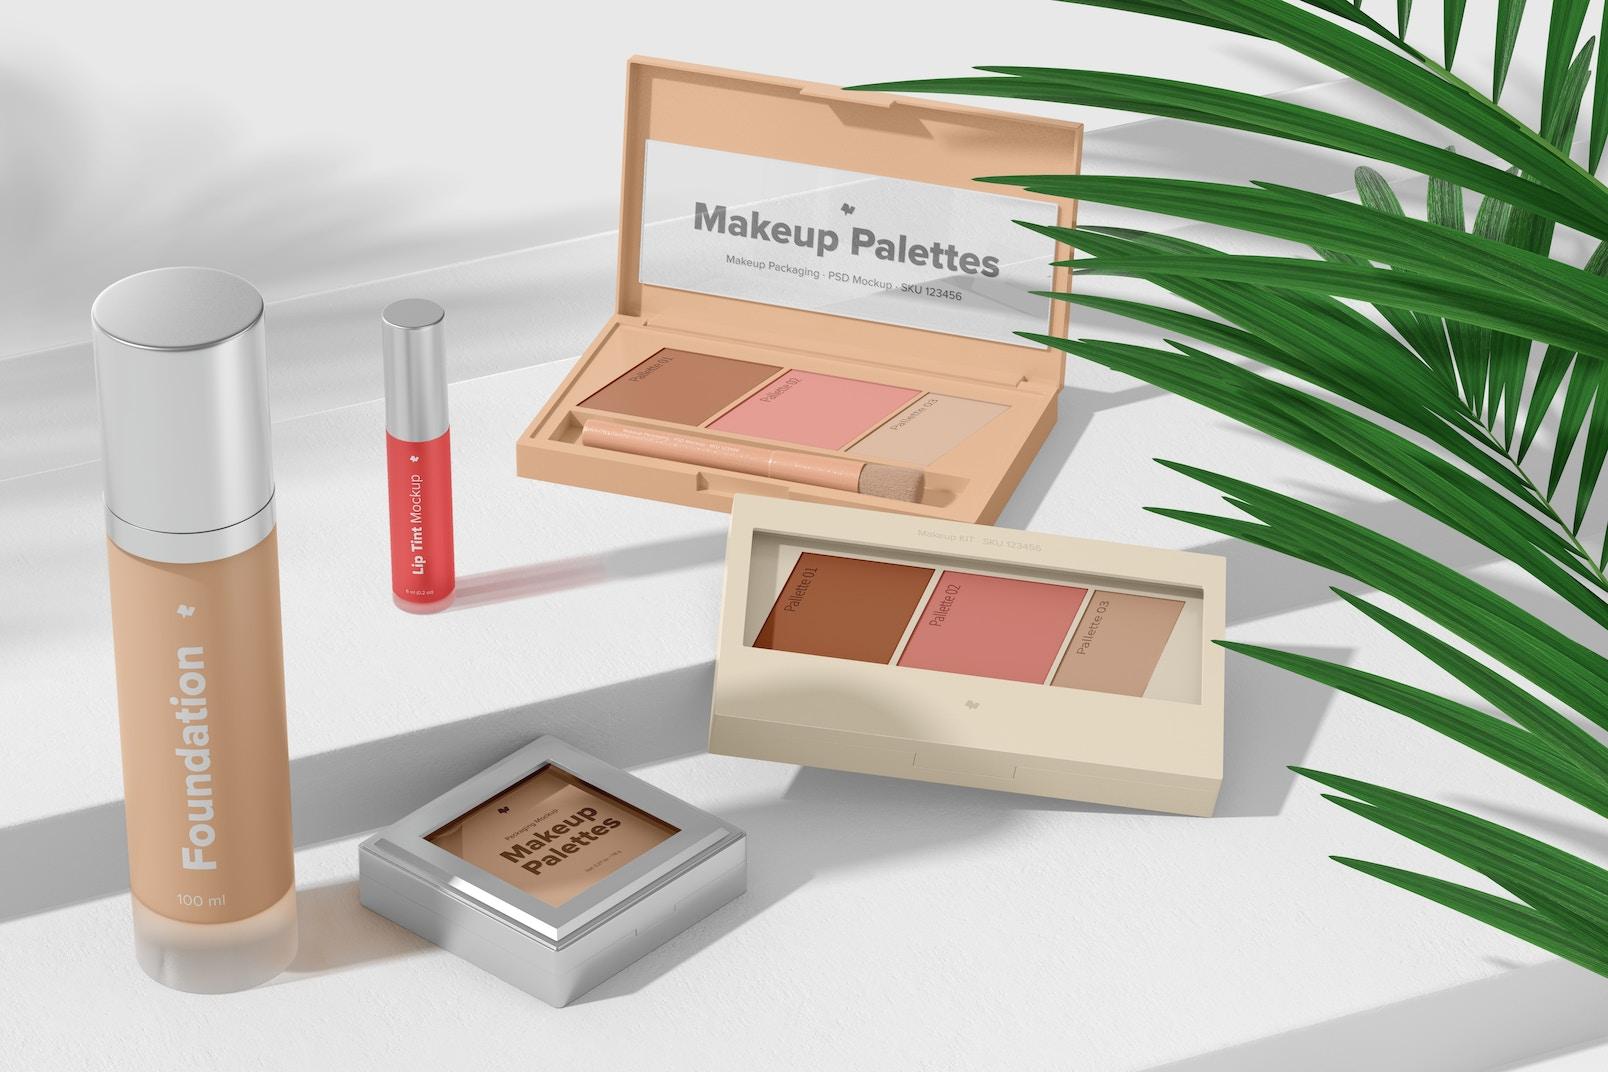 Makeup Palettes Mockup